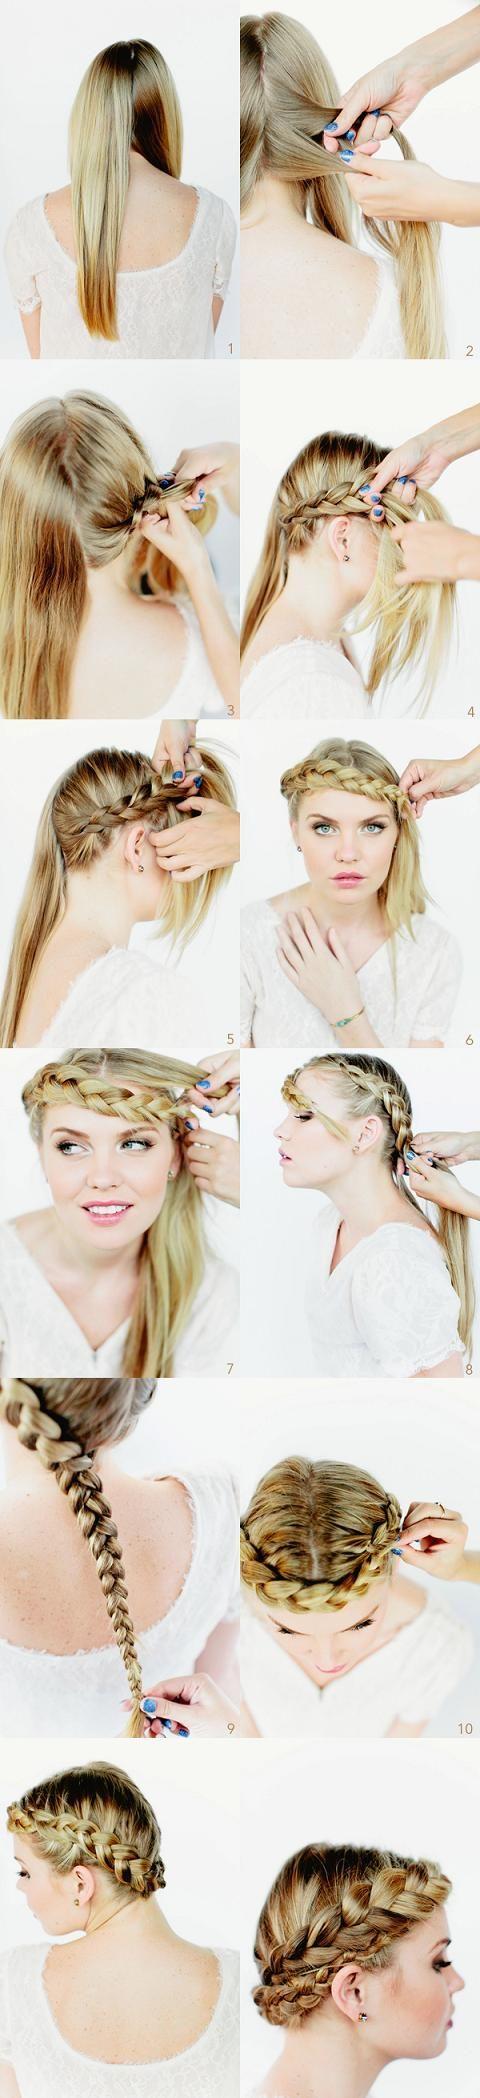 Записаться на наращивание волос в Москве можно по телефону: +7 925 700 71 61.  волосы прическа девушка стиль